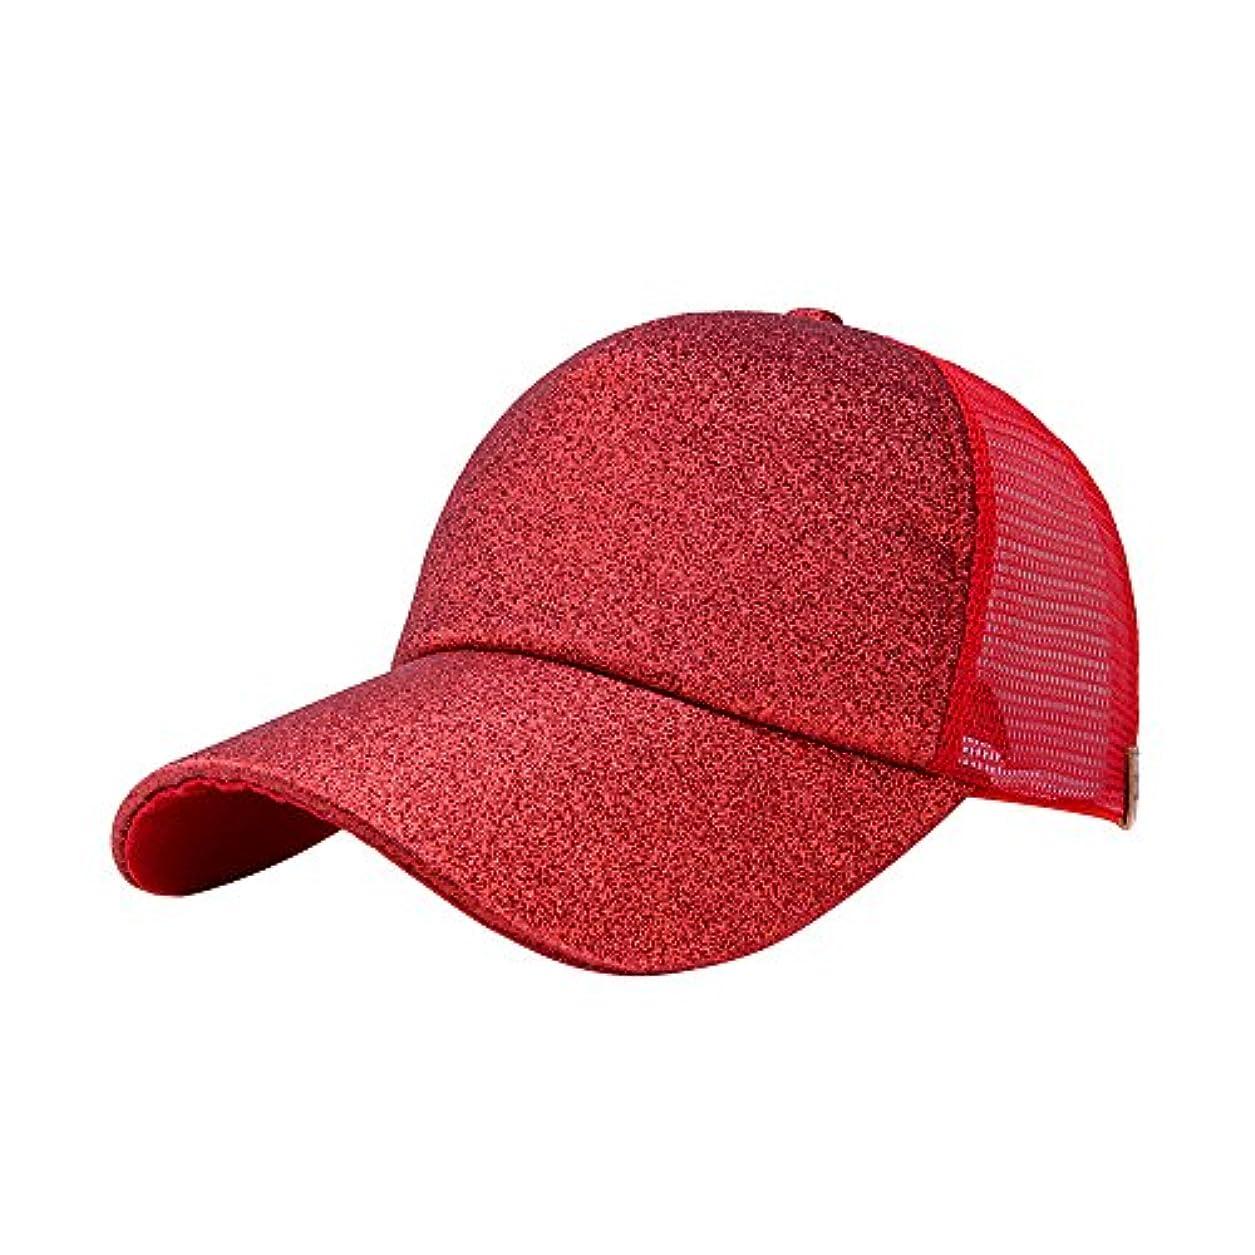 衝突地域の食欲Racazing Cap スパンコール 無地 メッシュ 野球帽 通気性のある ヒップホップ 帽子 夏 登山 可調整可能 棒球帽 男女兼用 UV 帽子 軽量 屋外 Unisex Cap (赤)